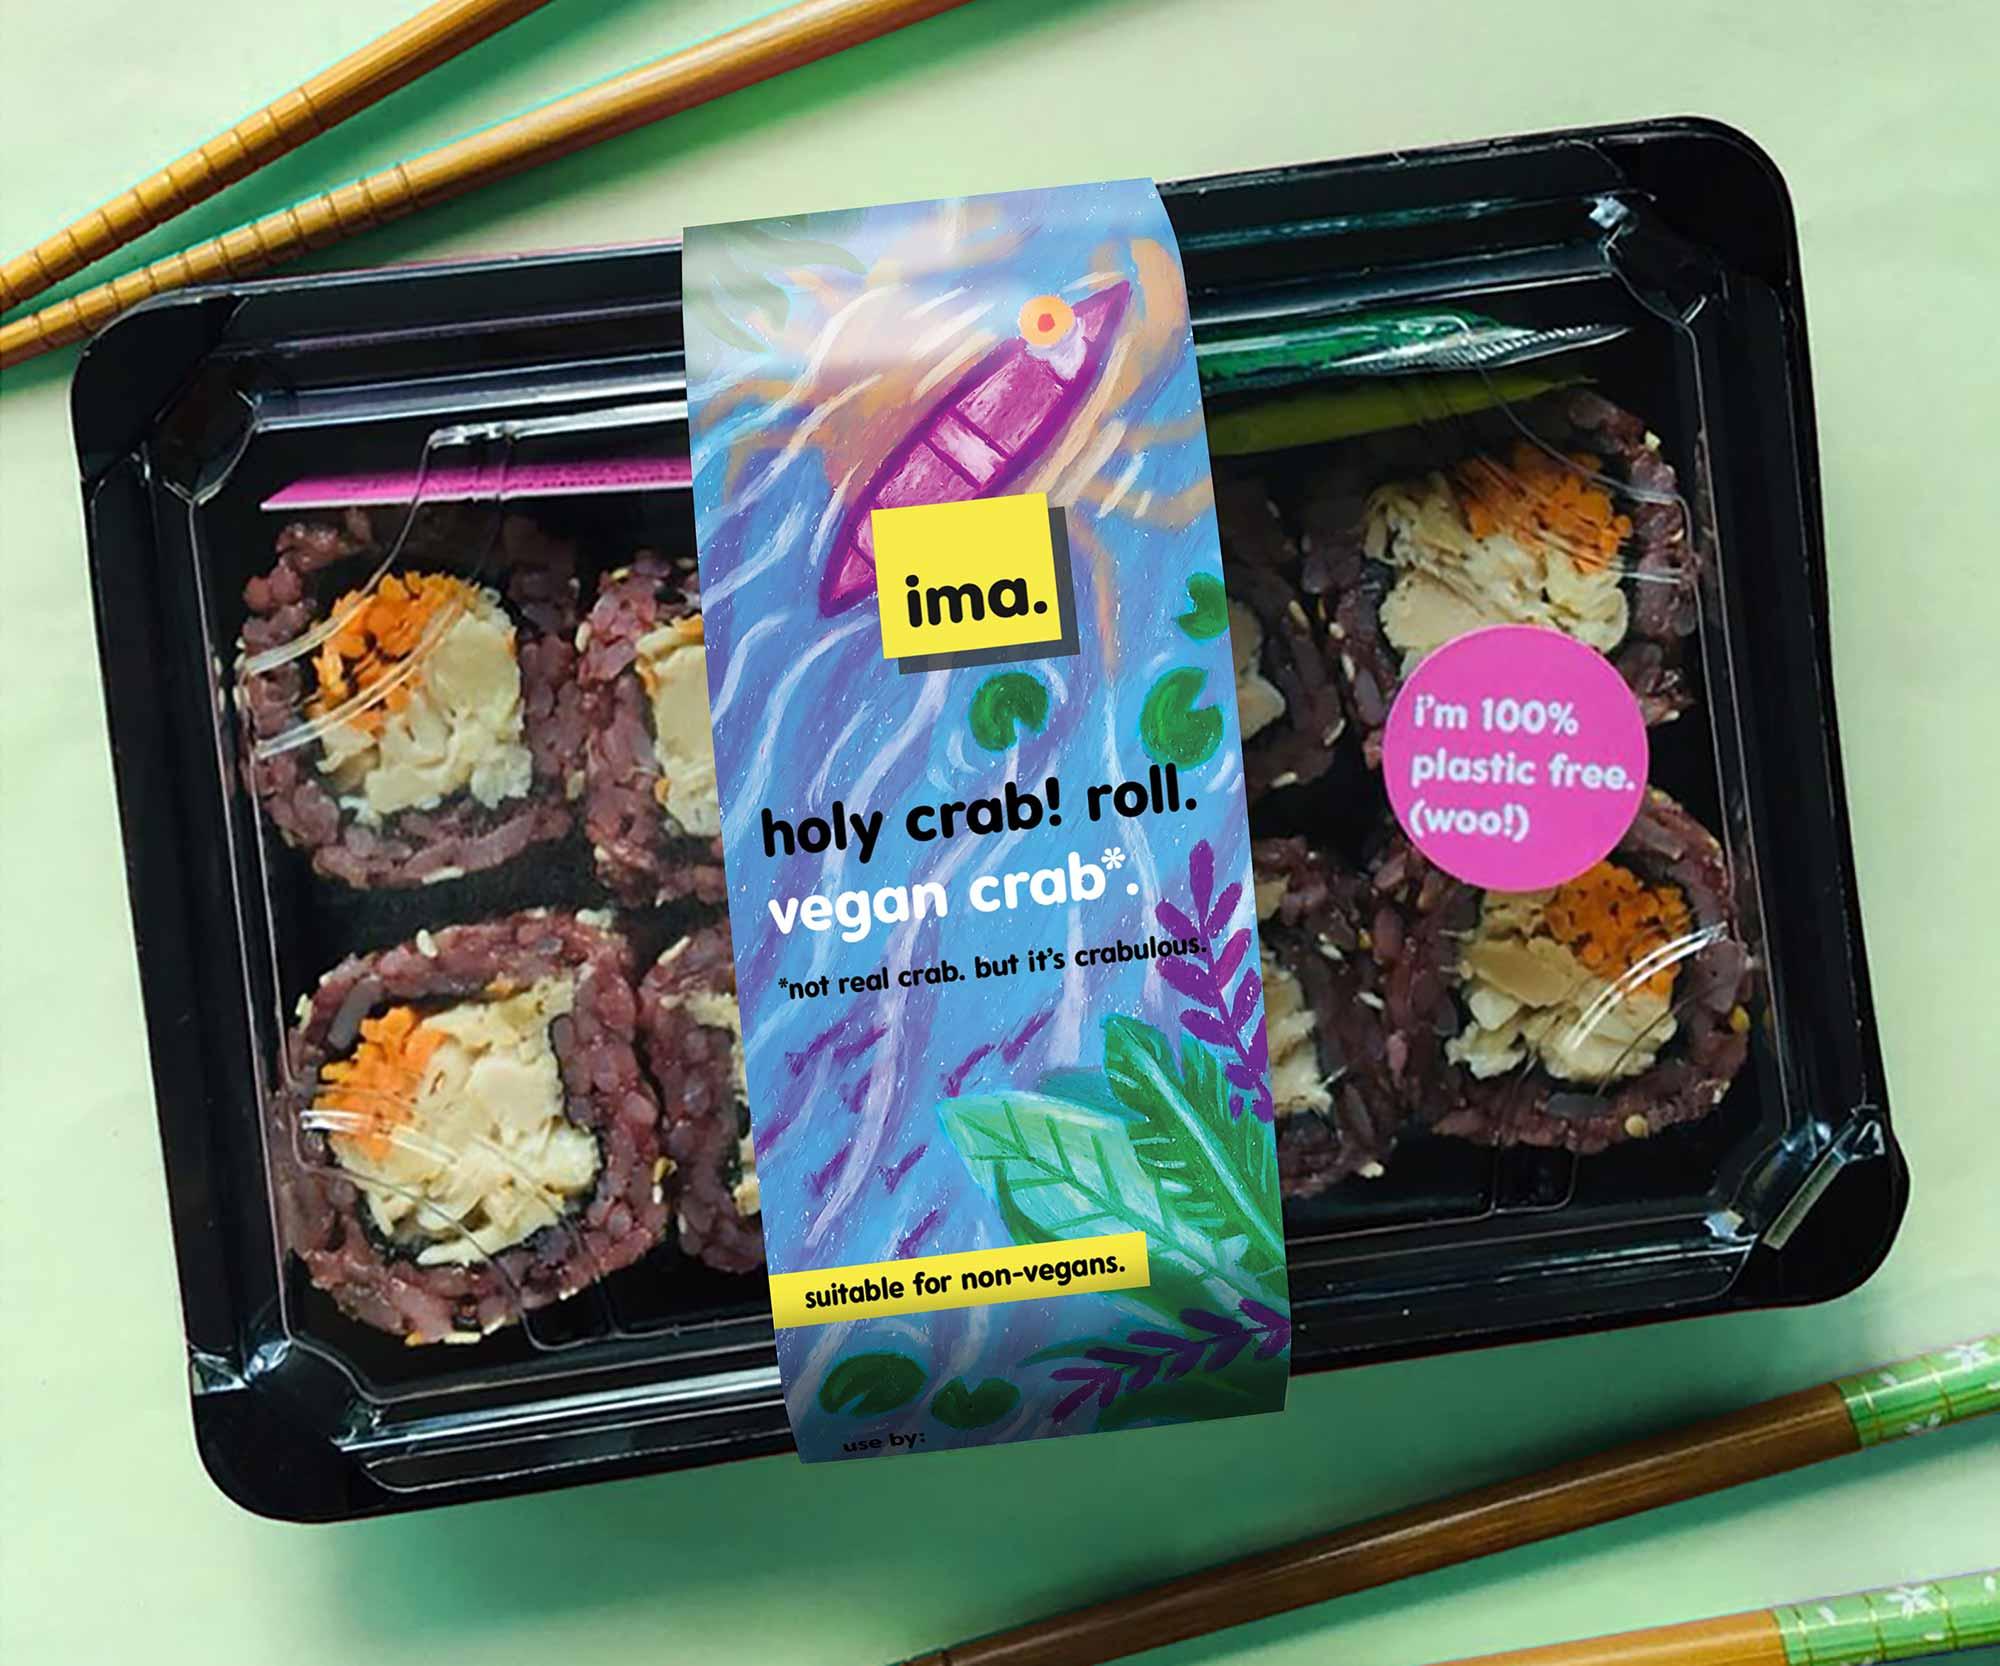 Ima Sushi - Hello Crab